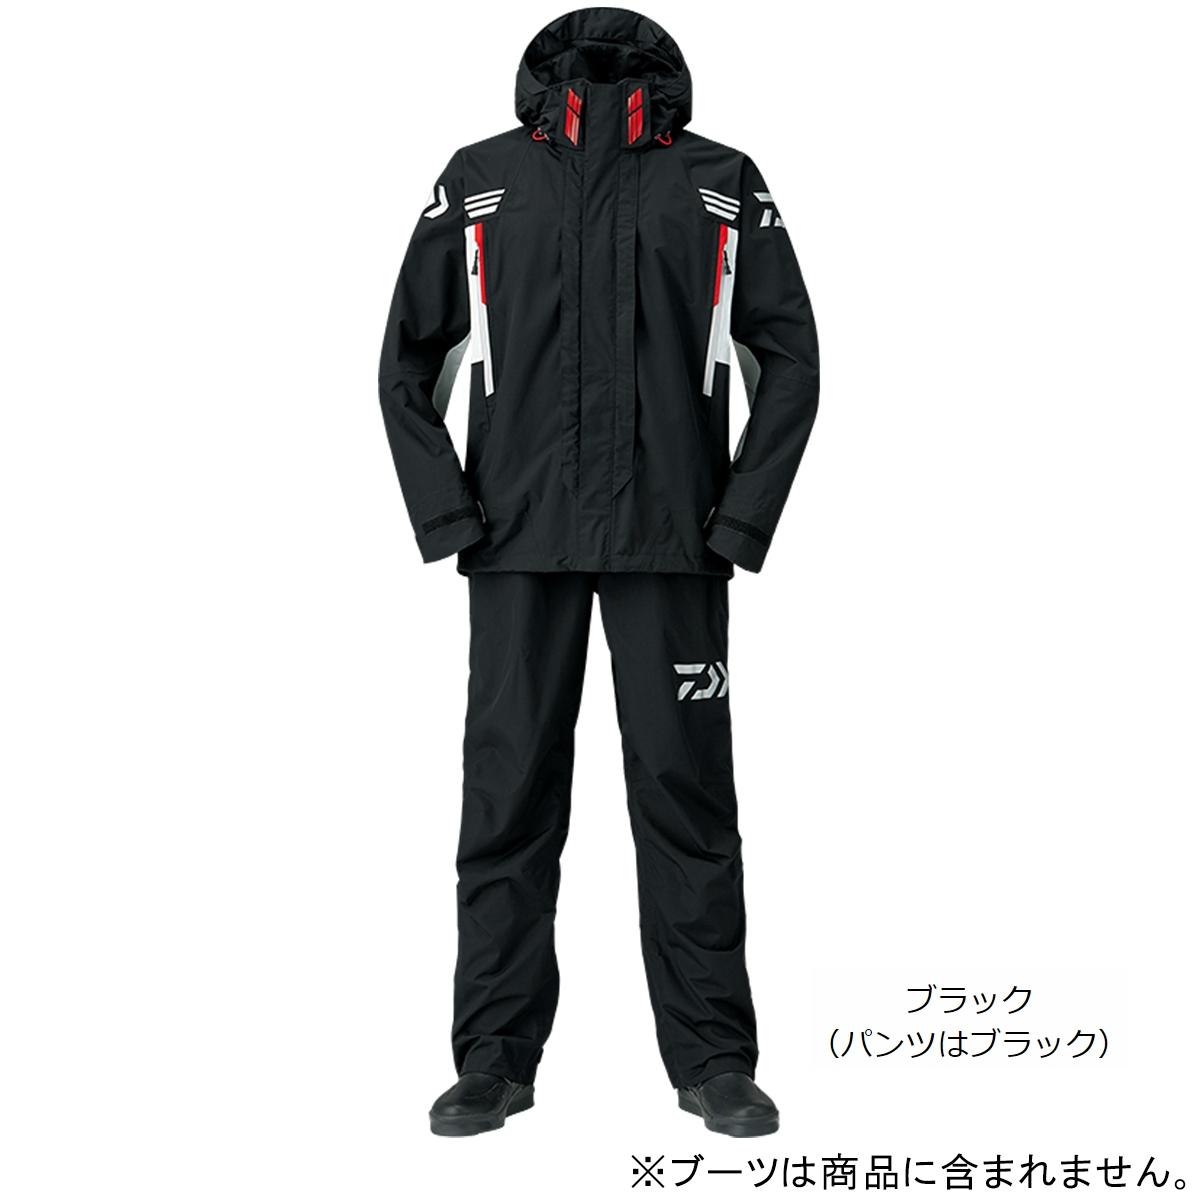 ダイワ レインマックス ハイパー コンビアップレインスーツ DR-3108 L ブラック(東日本店)